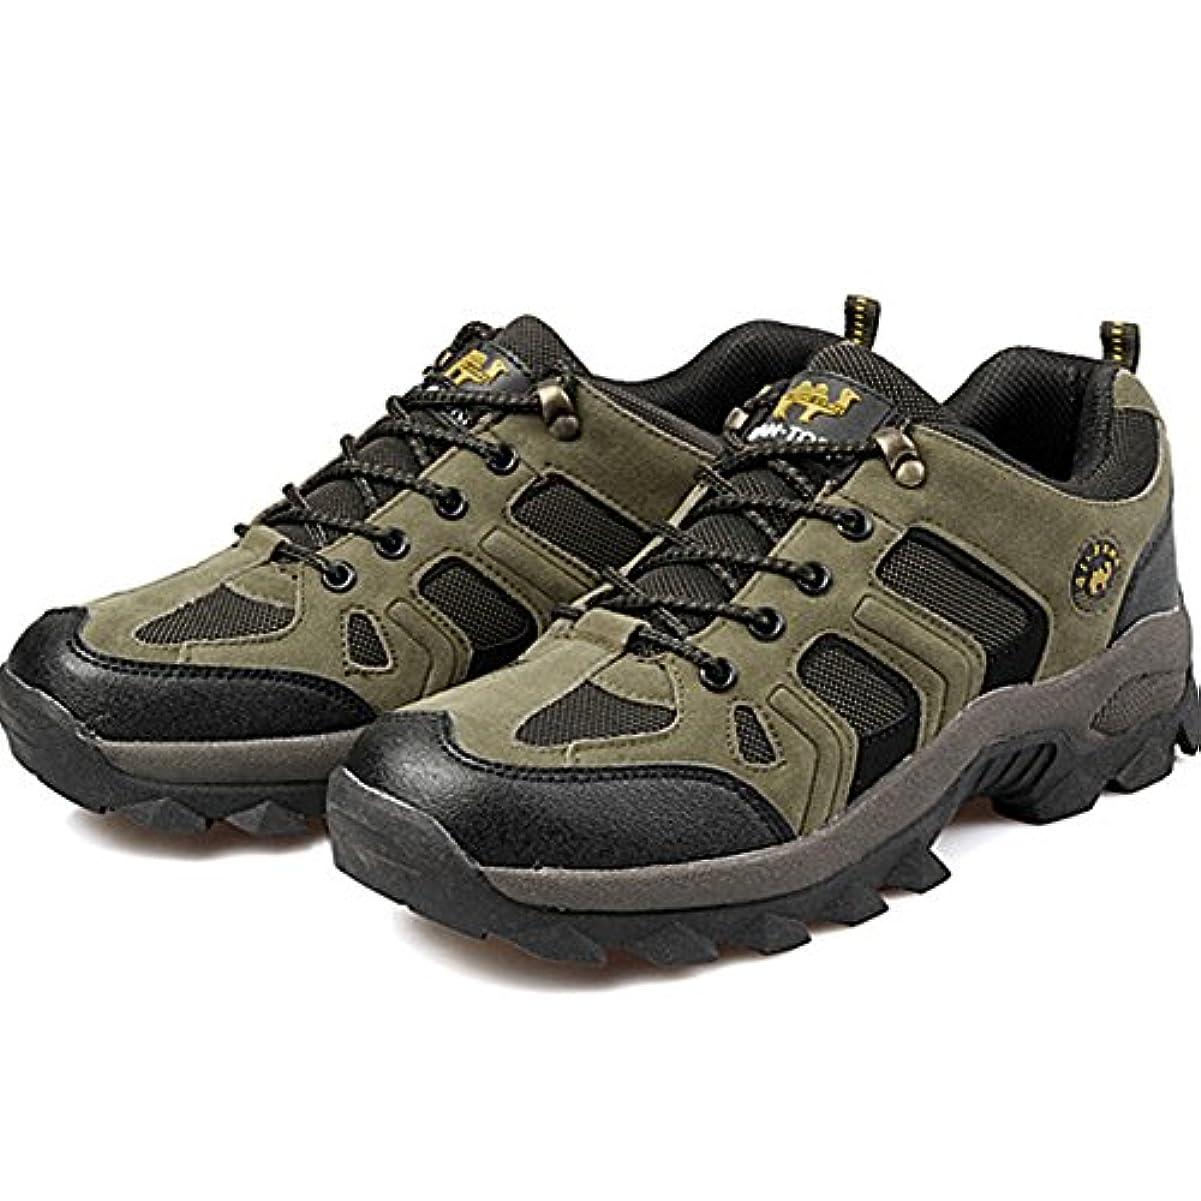 気がついて近代化変な[Flova] トレッキングシューズ メンズ 登山靴 アウトドア ハイキングシューズ 撥水 レースアップ 通気性 滑り止め 軽量 カーキ/っブラウン 24.5-27cm